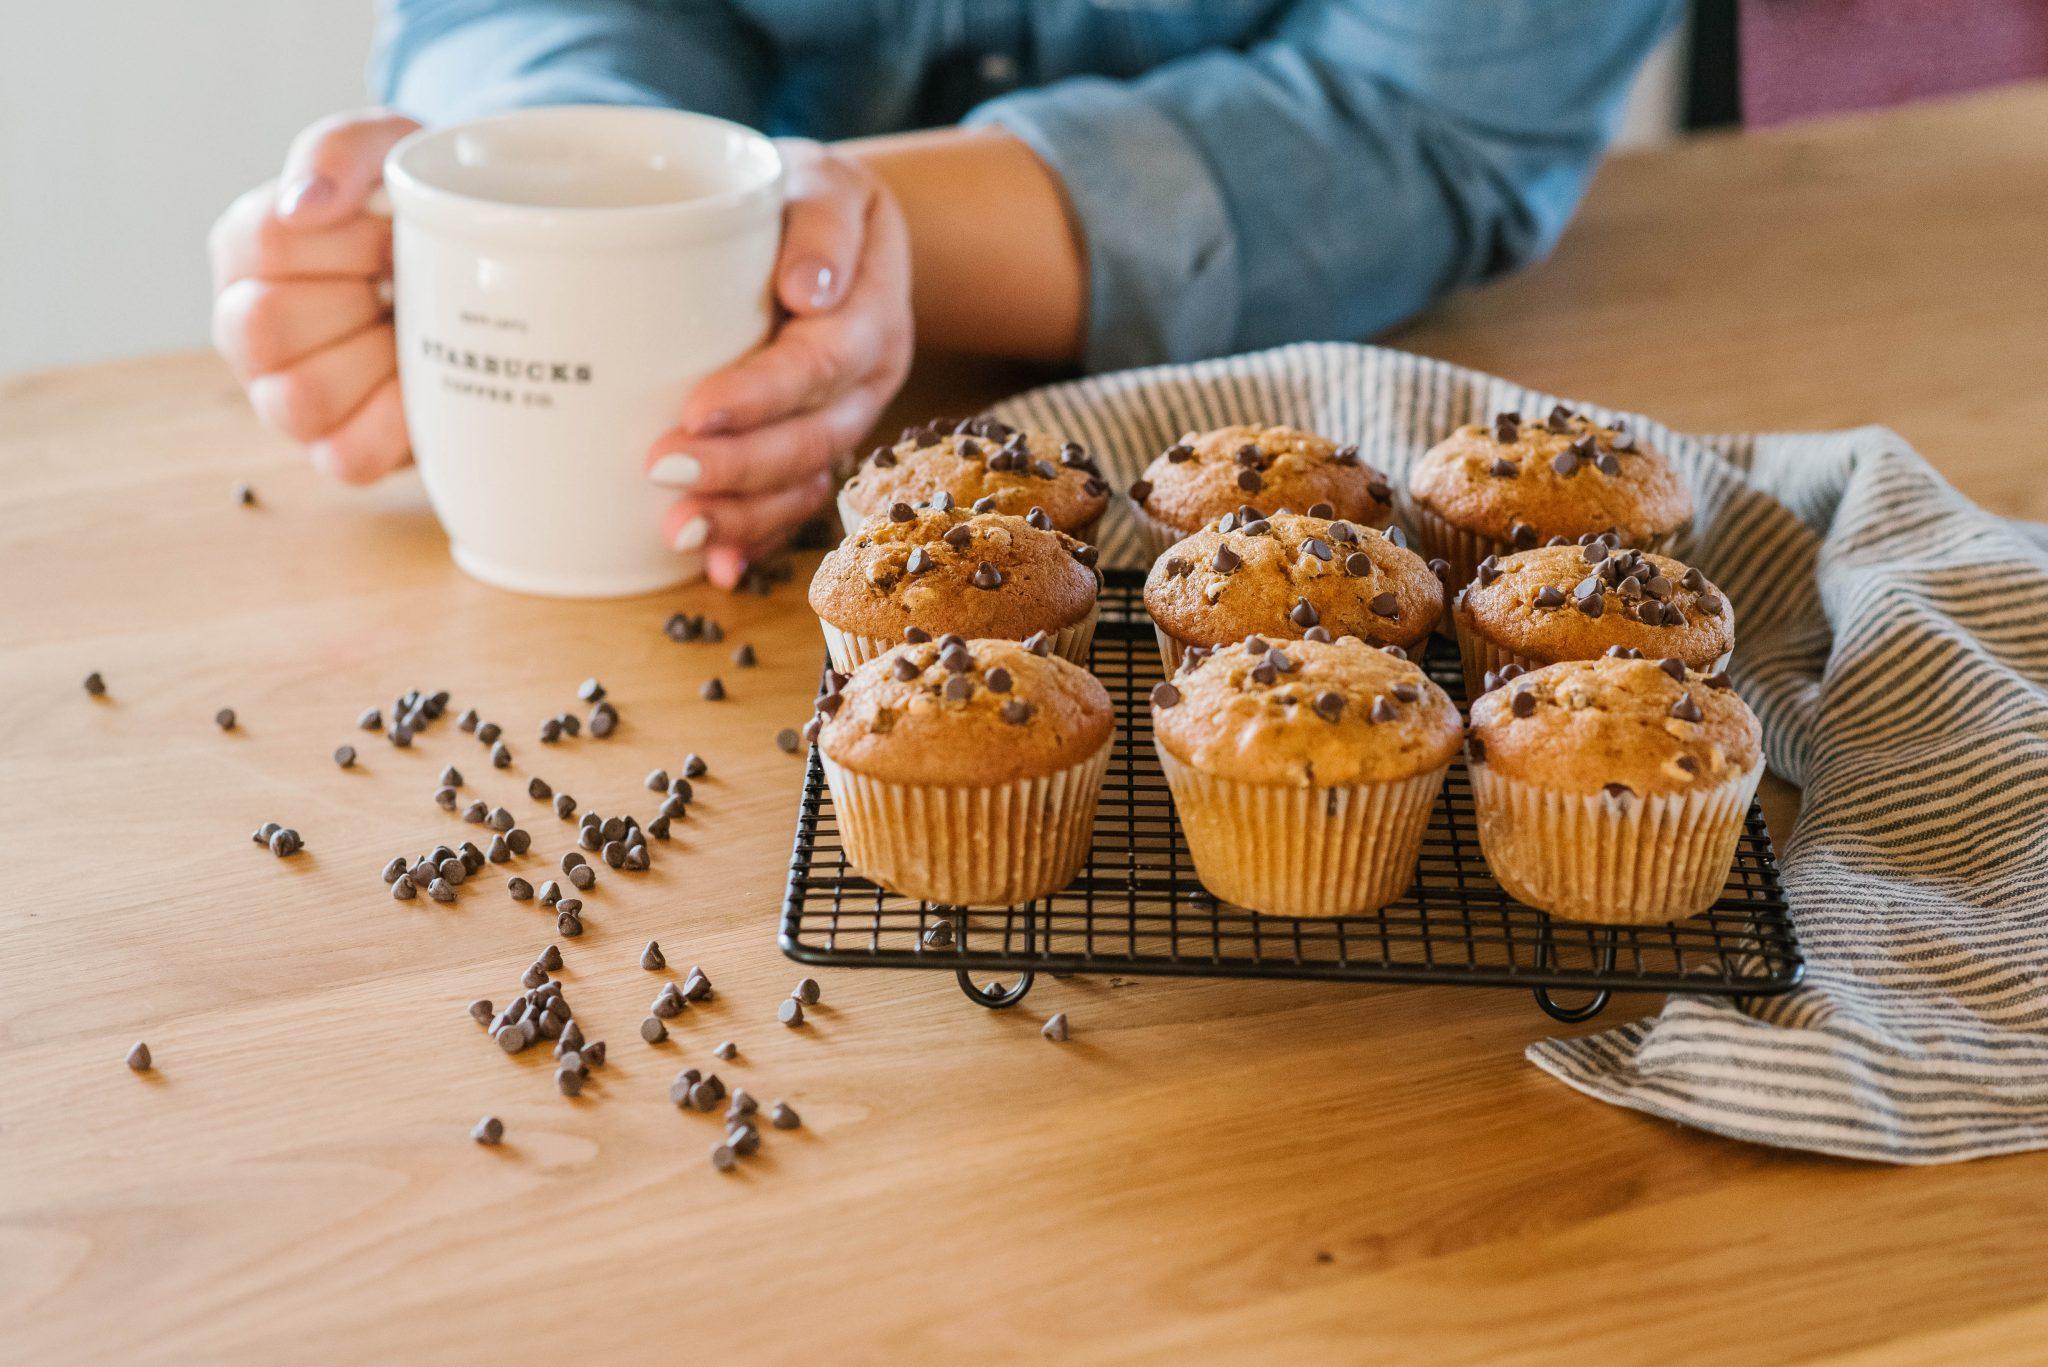 pumpkin chocolate chip muffins for coffee break in kitchen